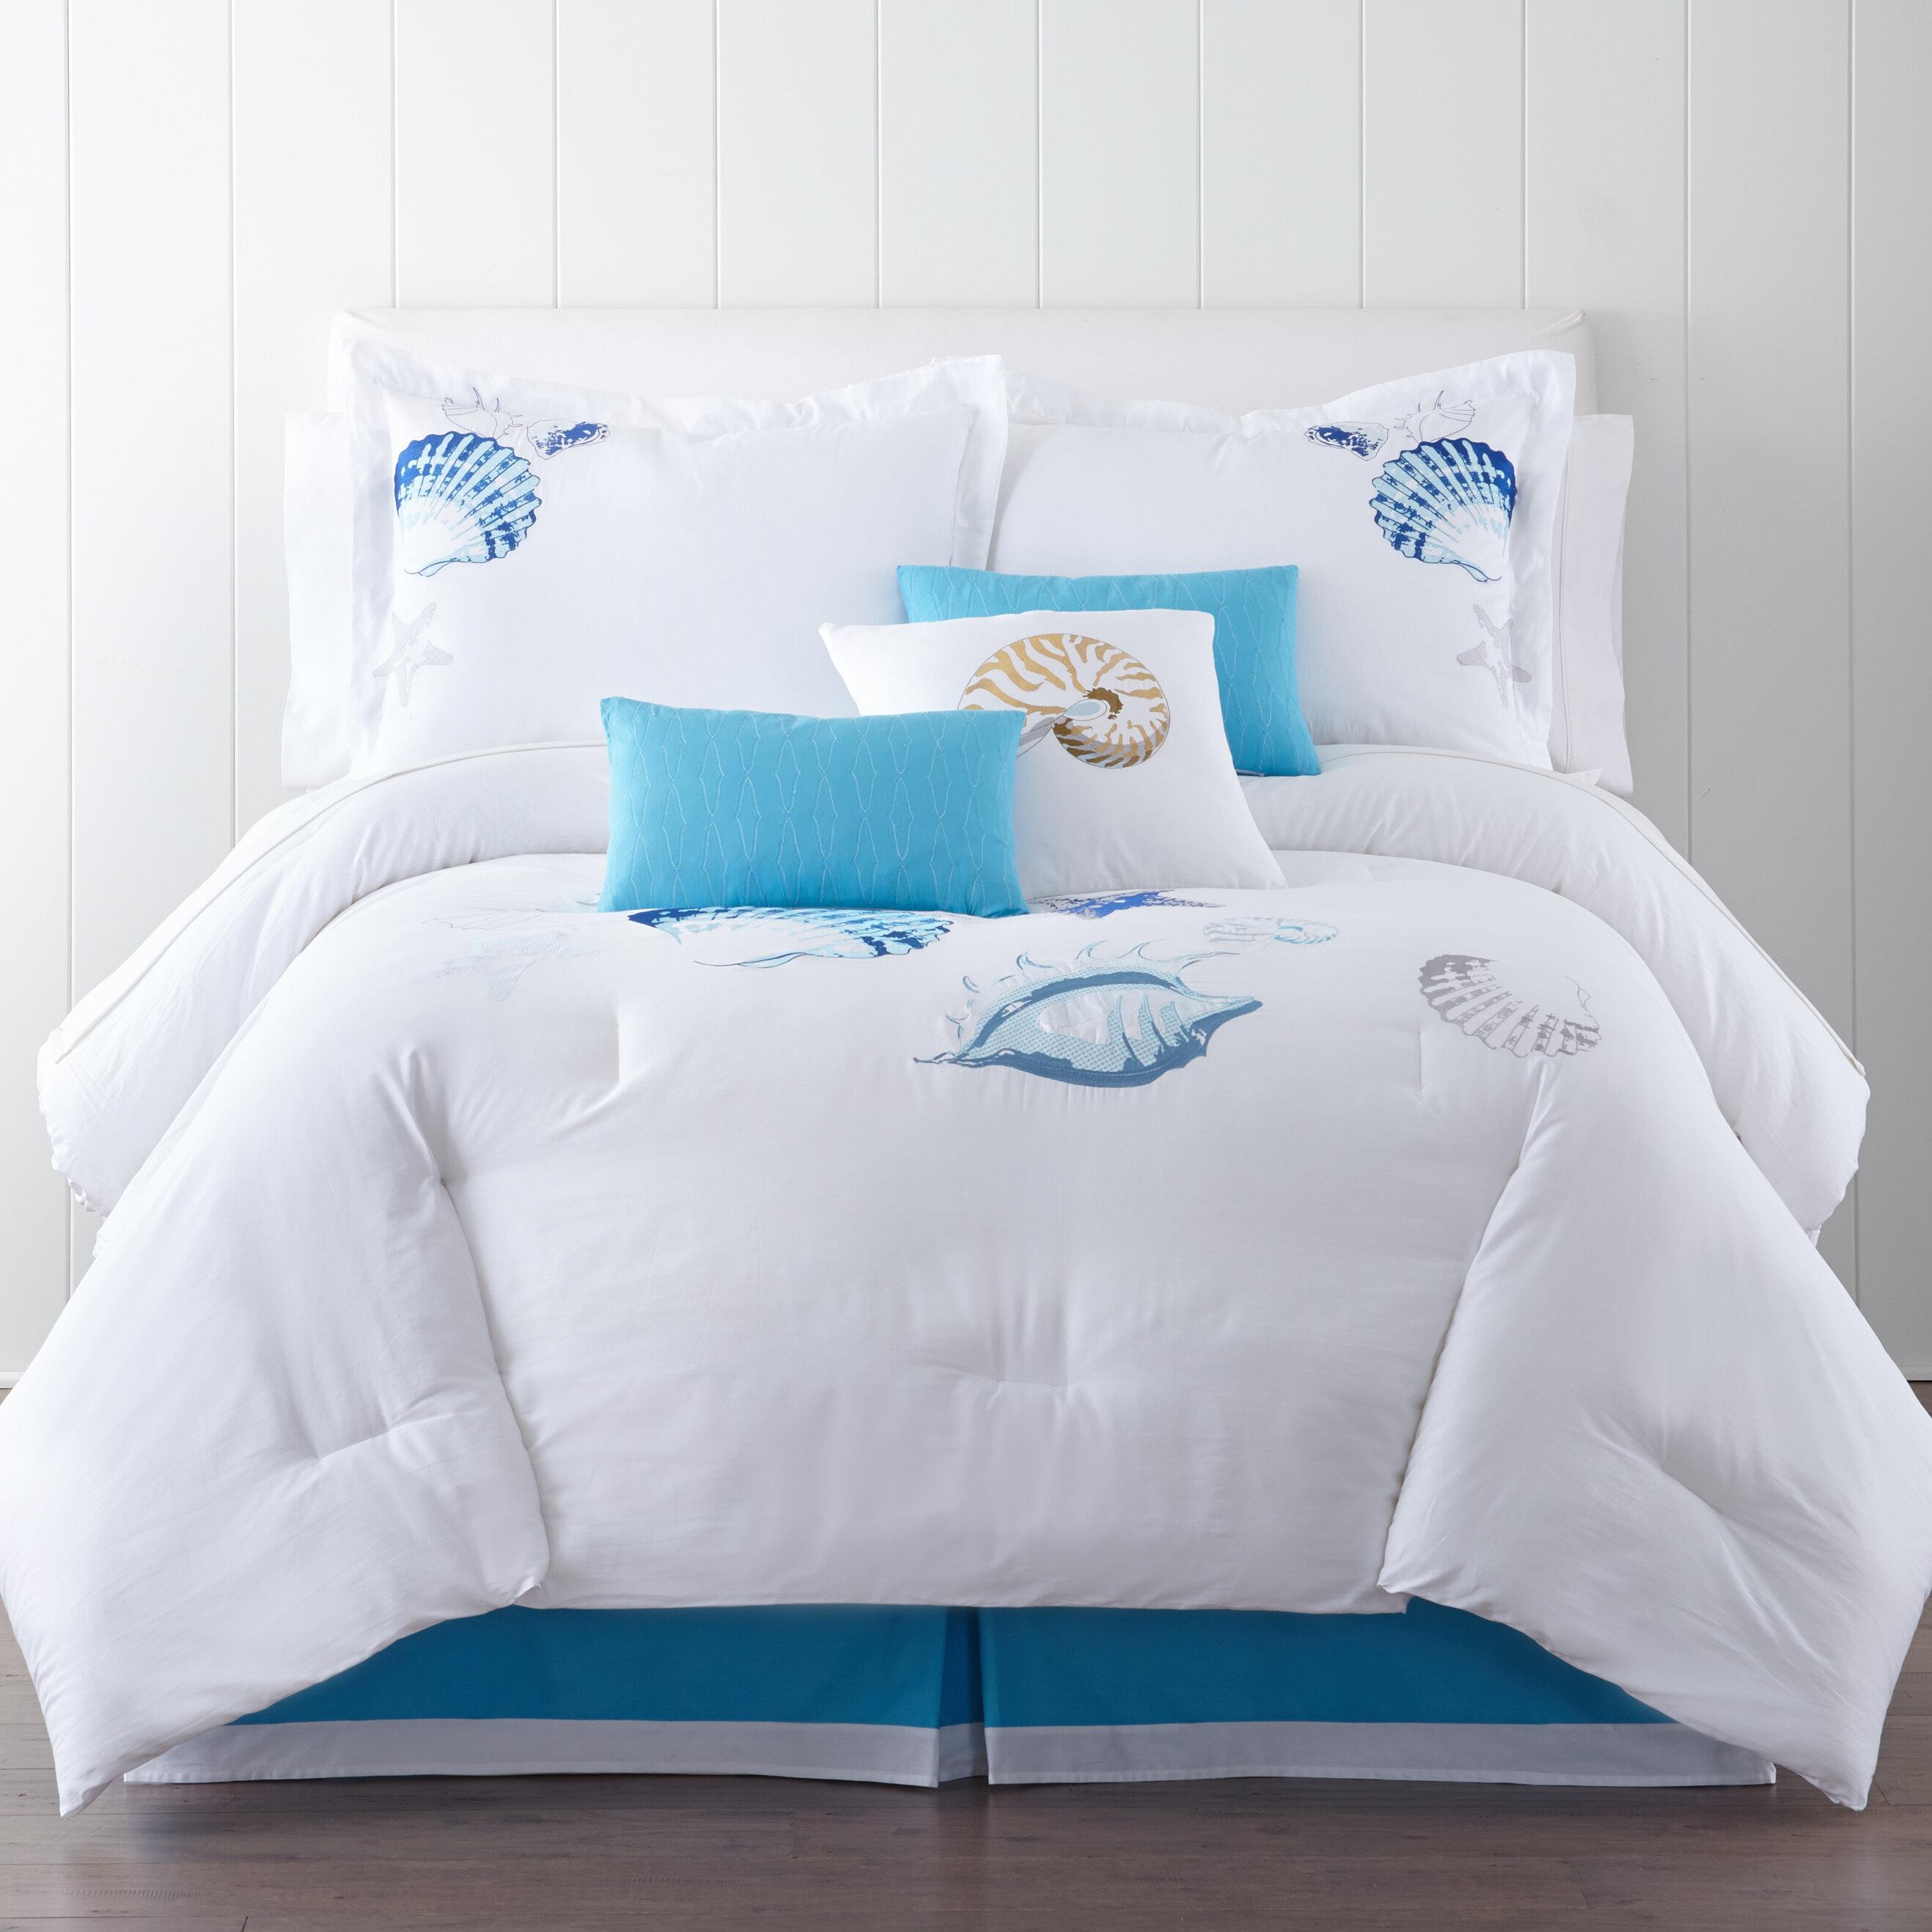 set ocean b waves comforter print twin